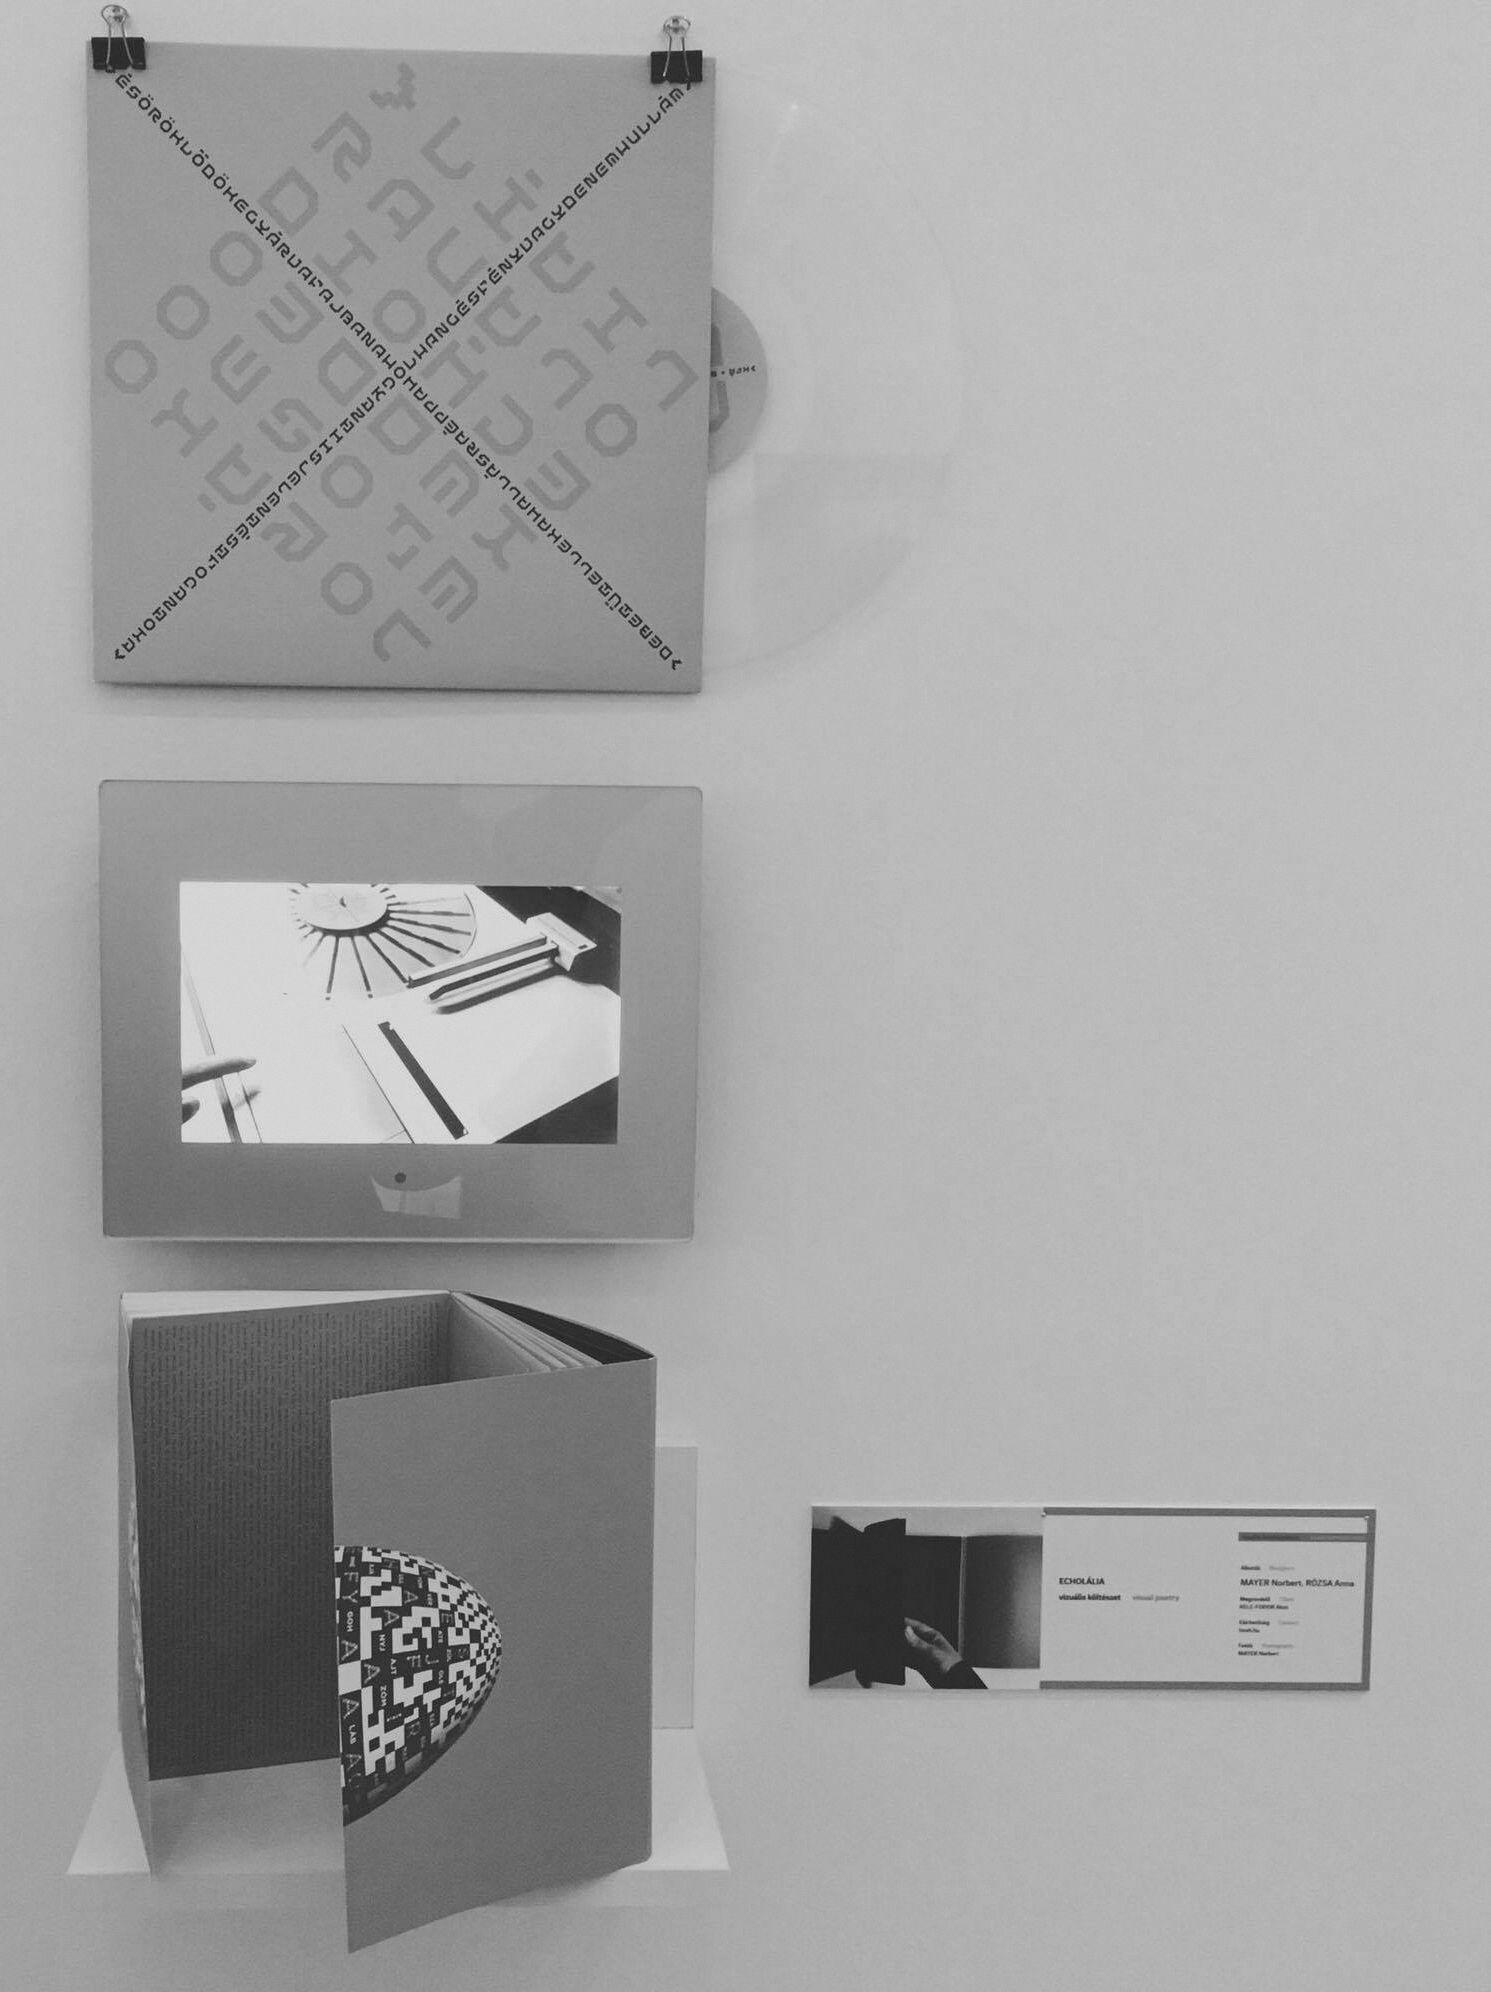 Az installáció> VINYL + SPOT +BOOK